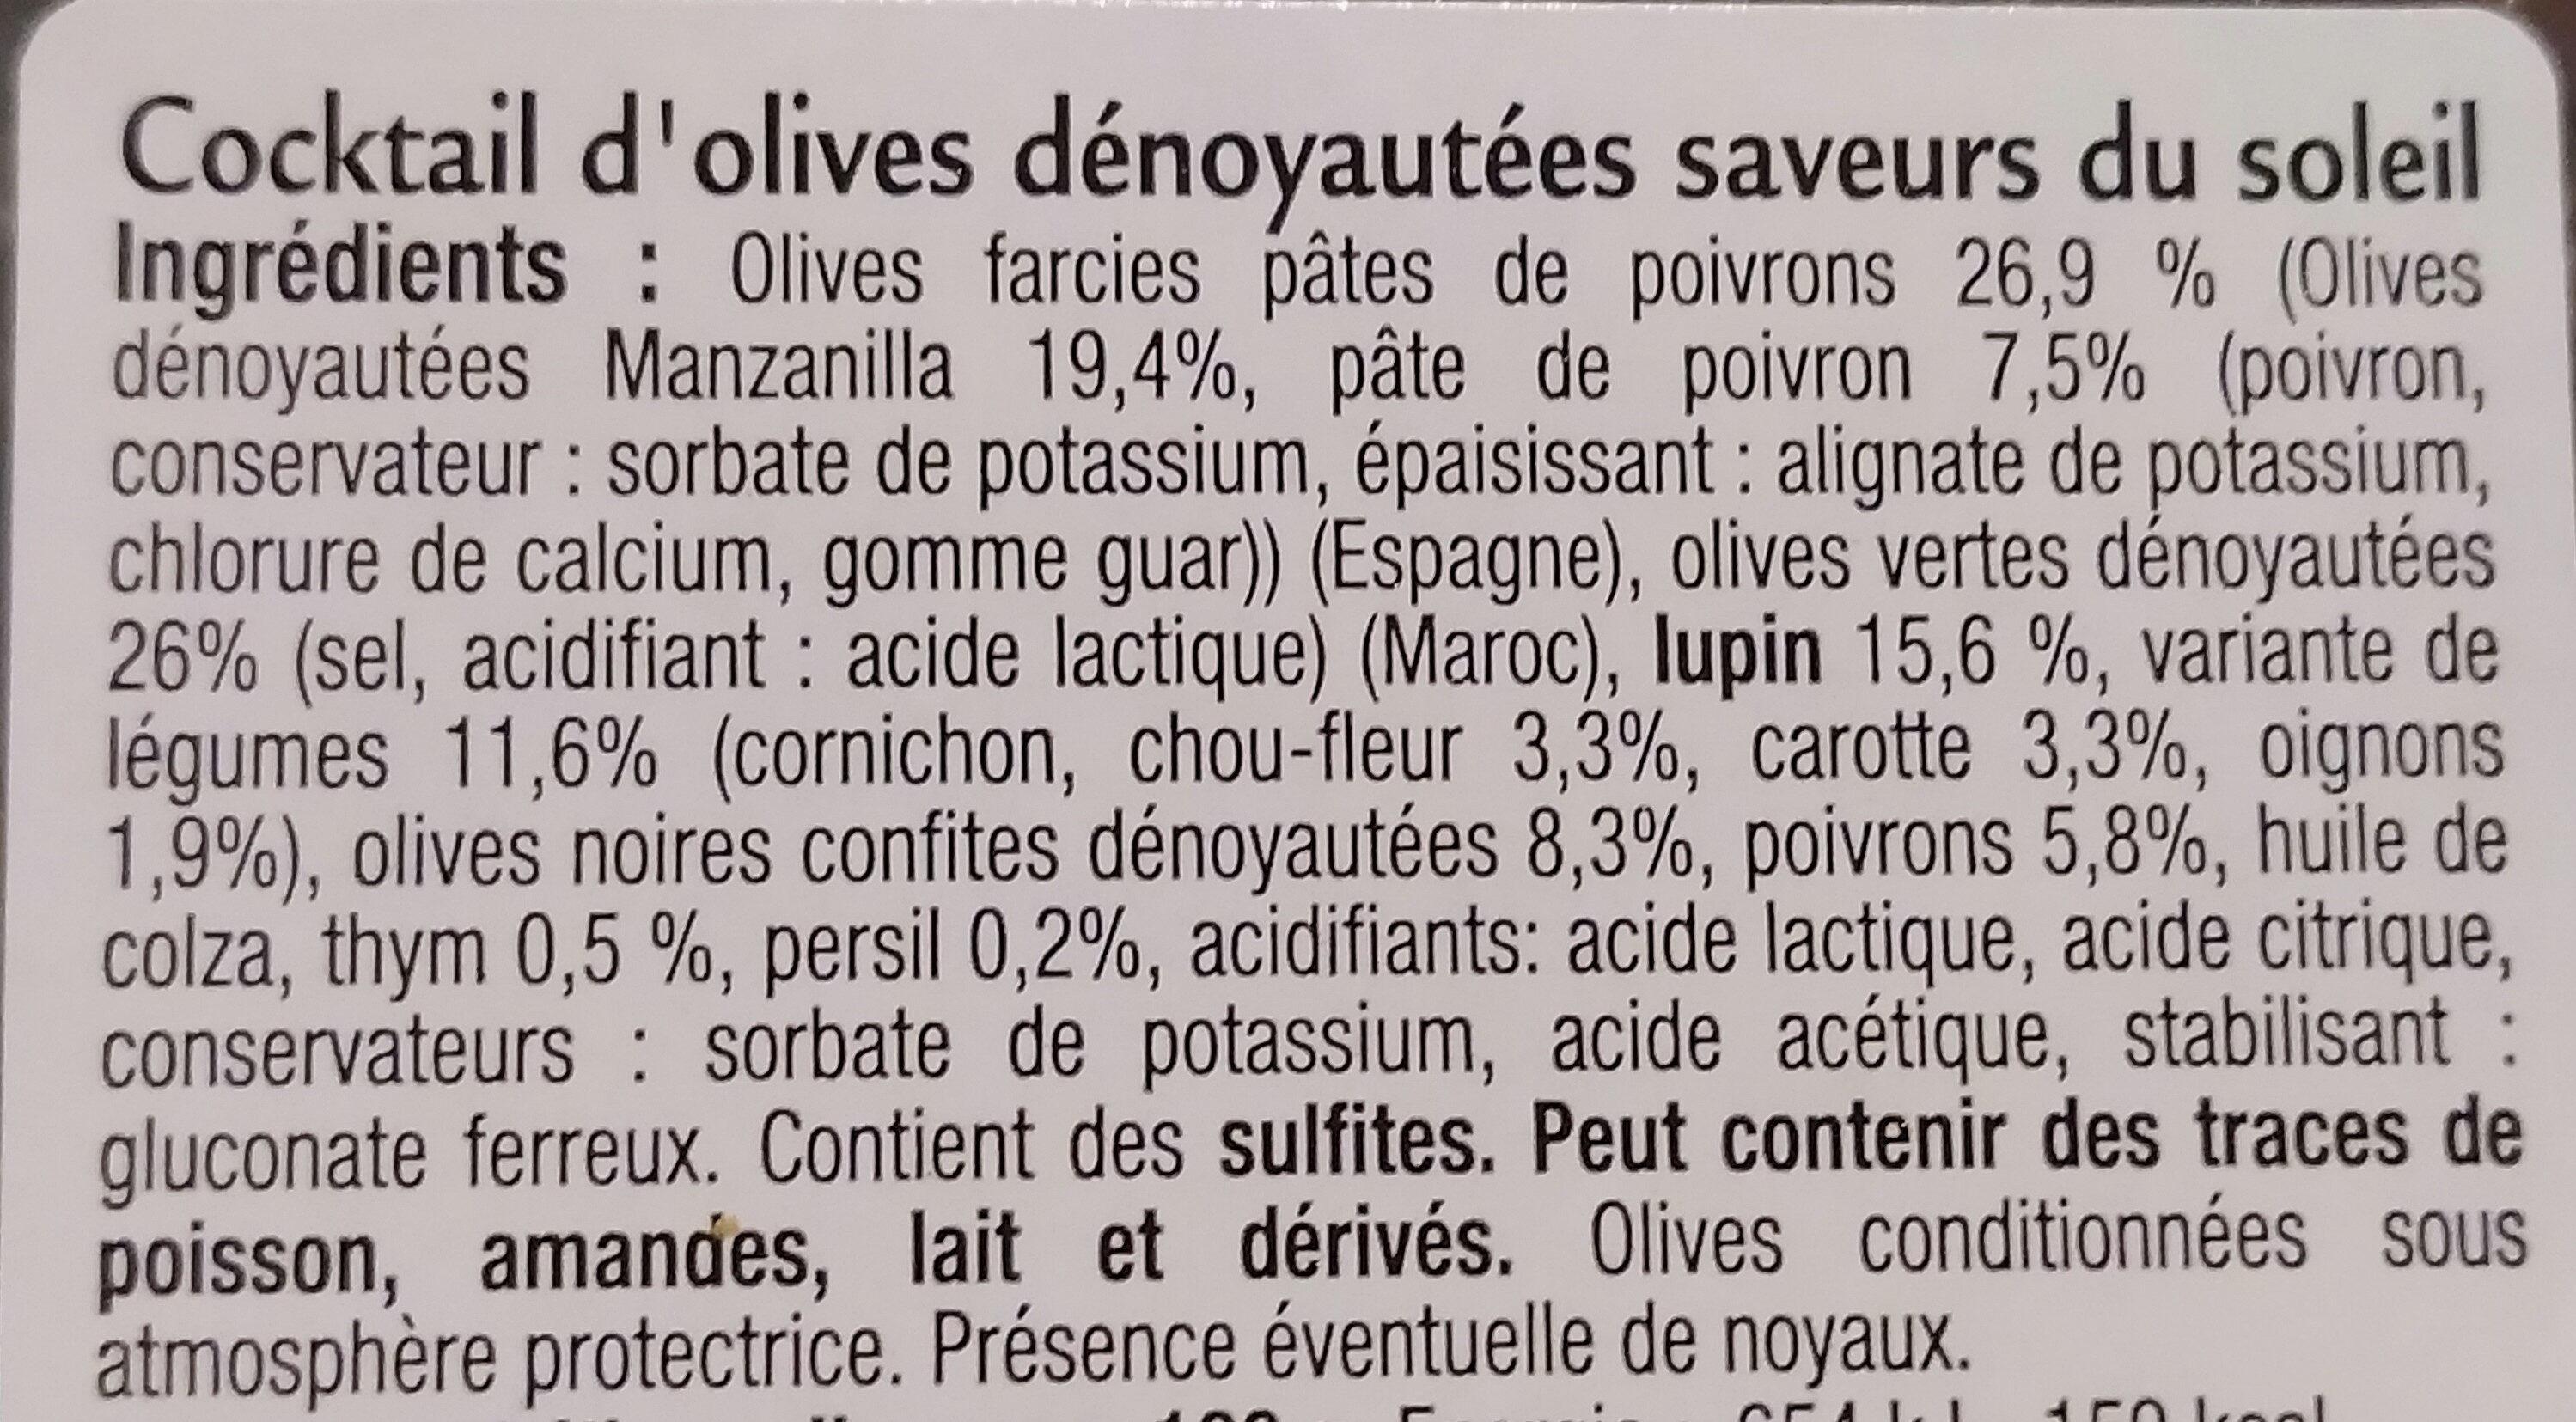 Cocktail d'olives Saveurs du Soleil Dénoyautées et Douces - Ingrédients - fr